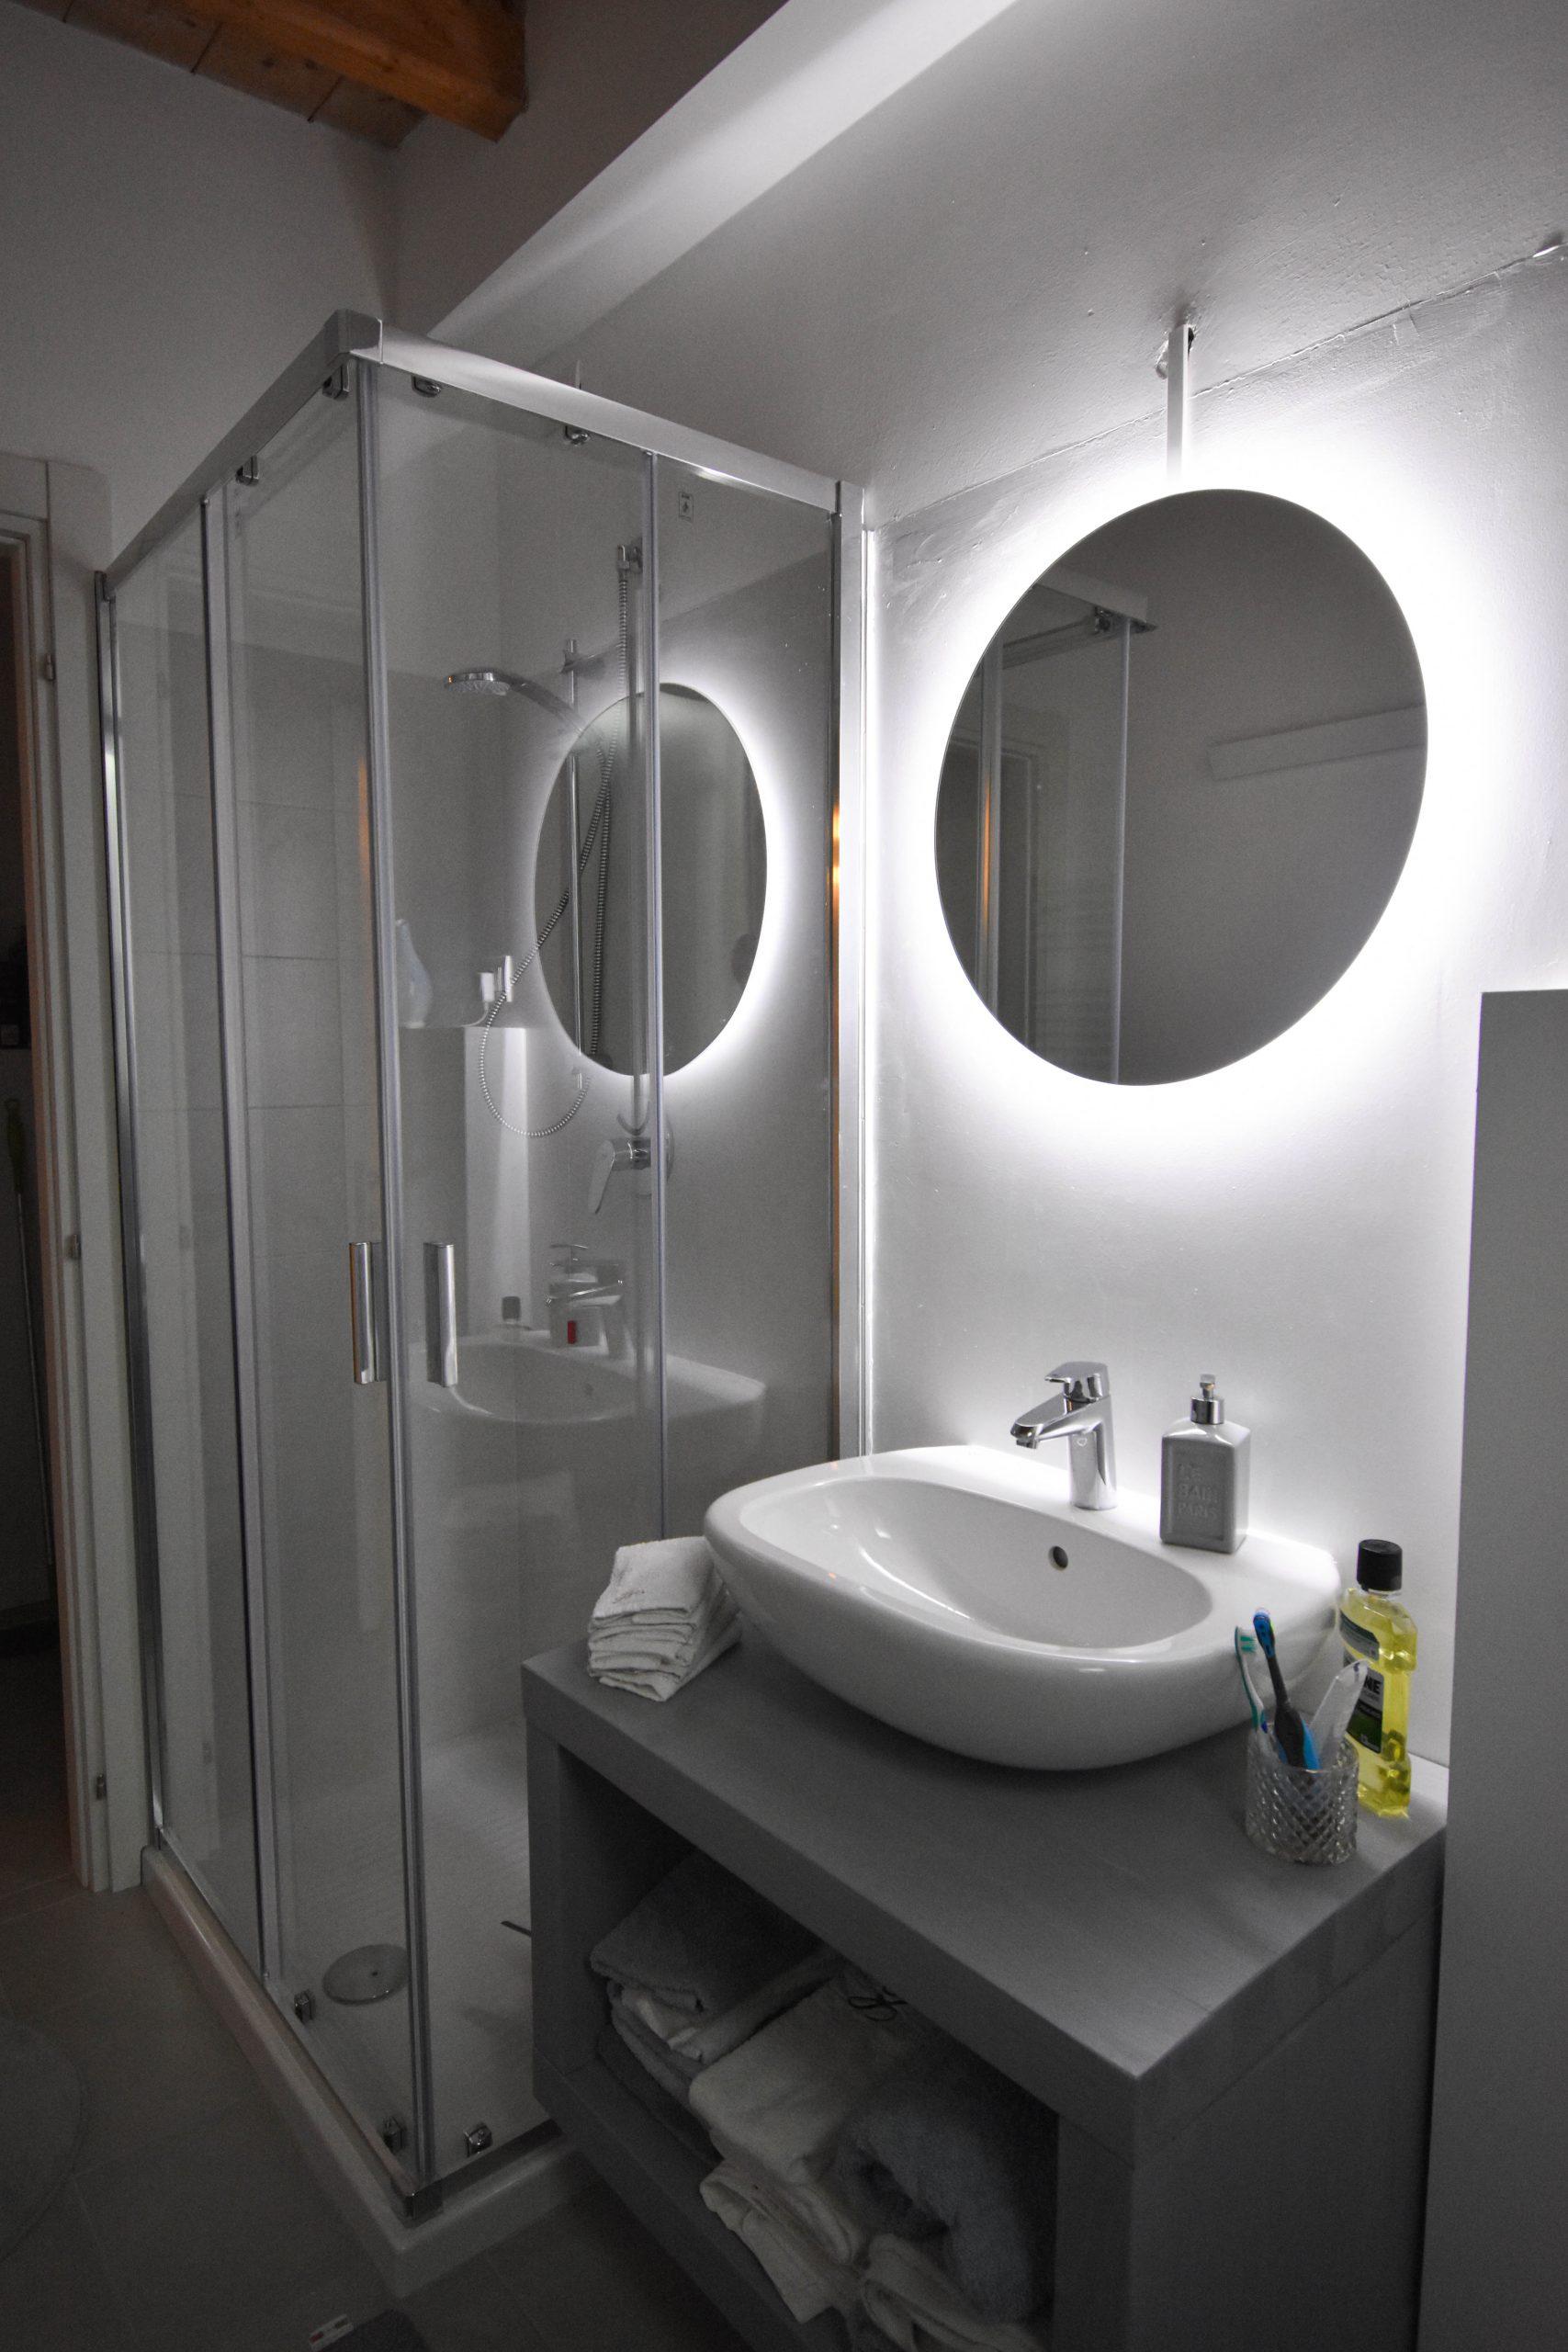 casa EM scandivano stile interior design (4)